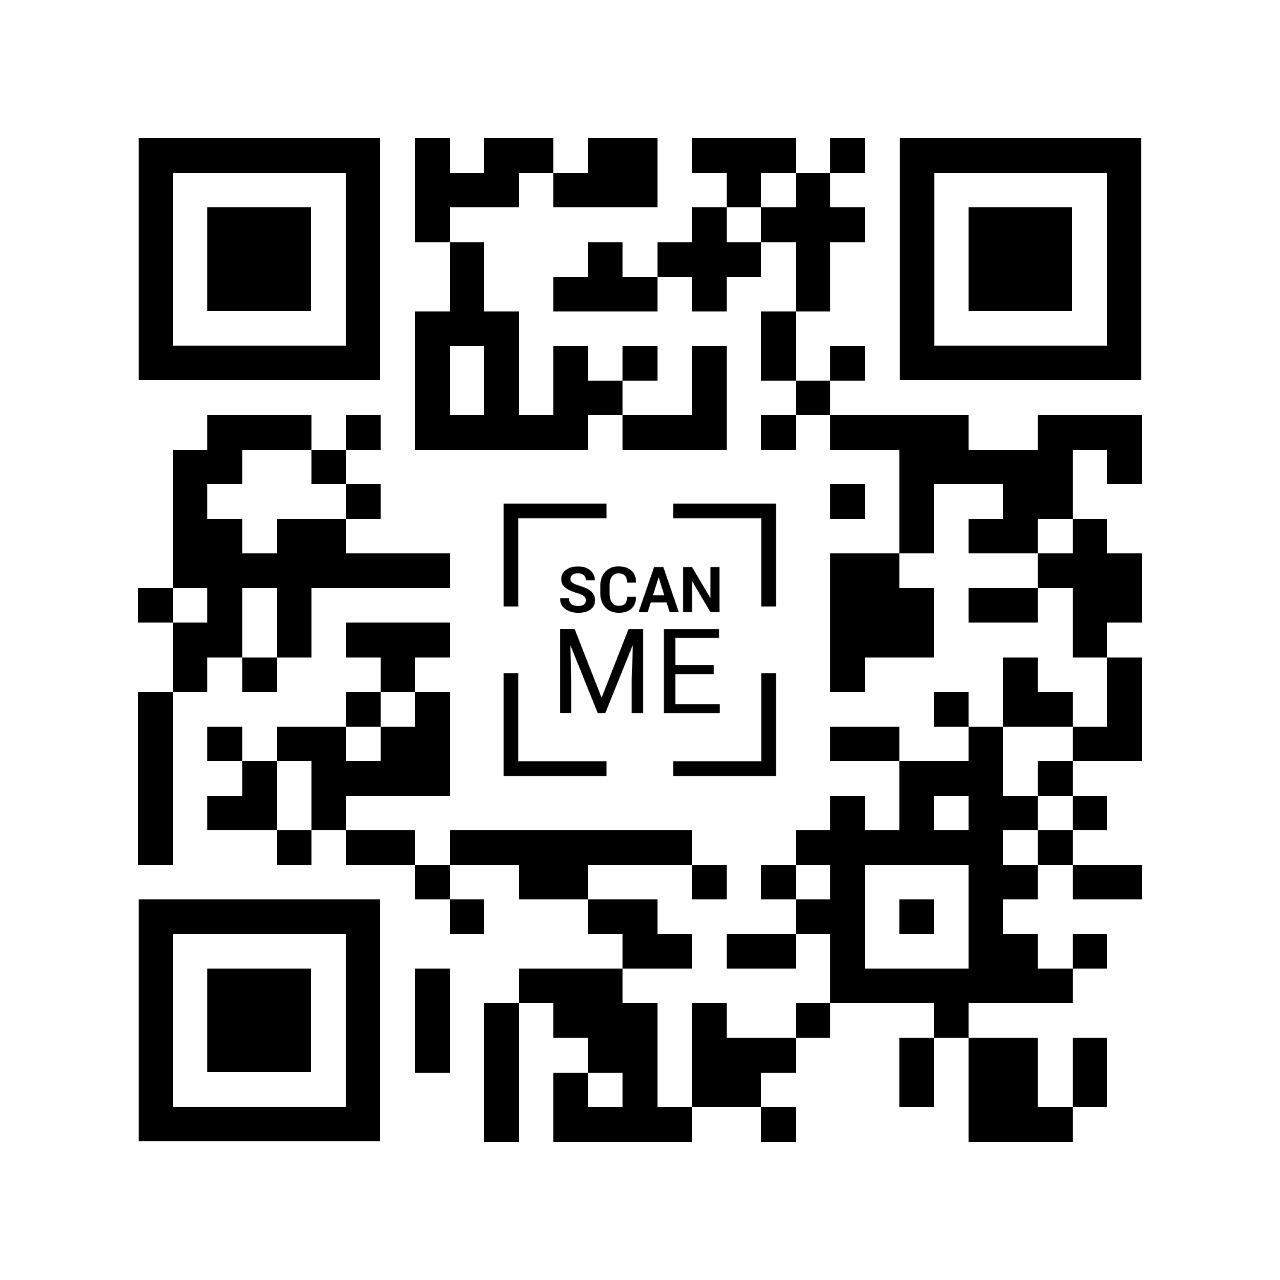 Barcode radarindonesianews.com